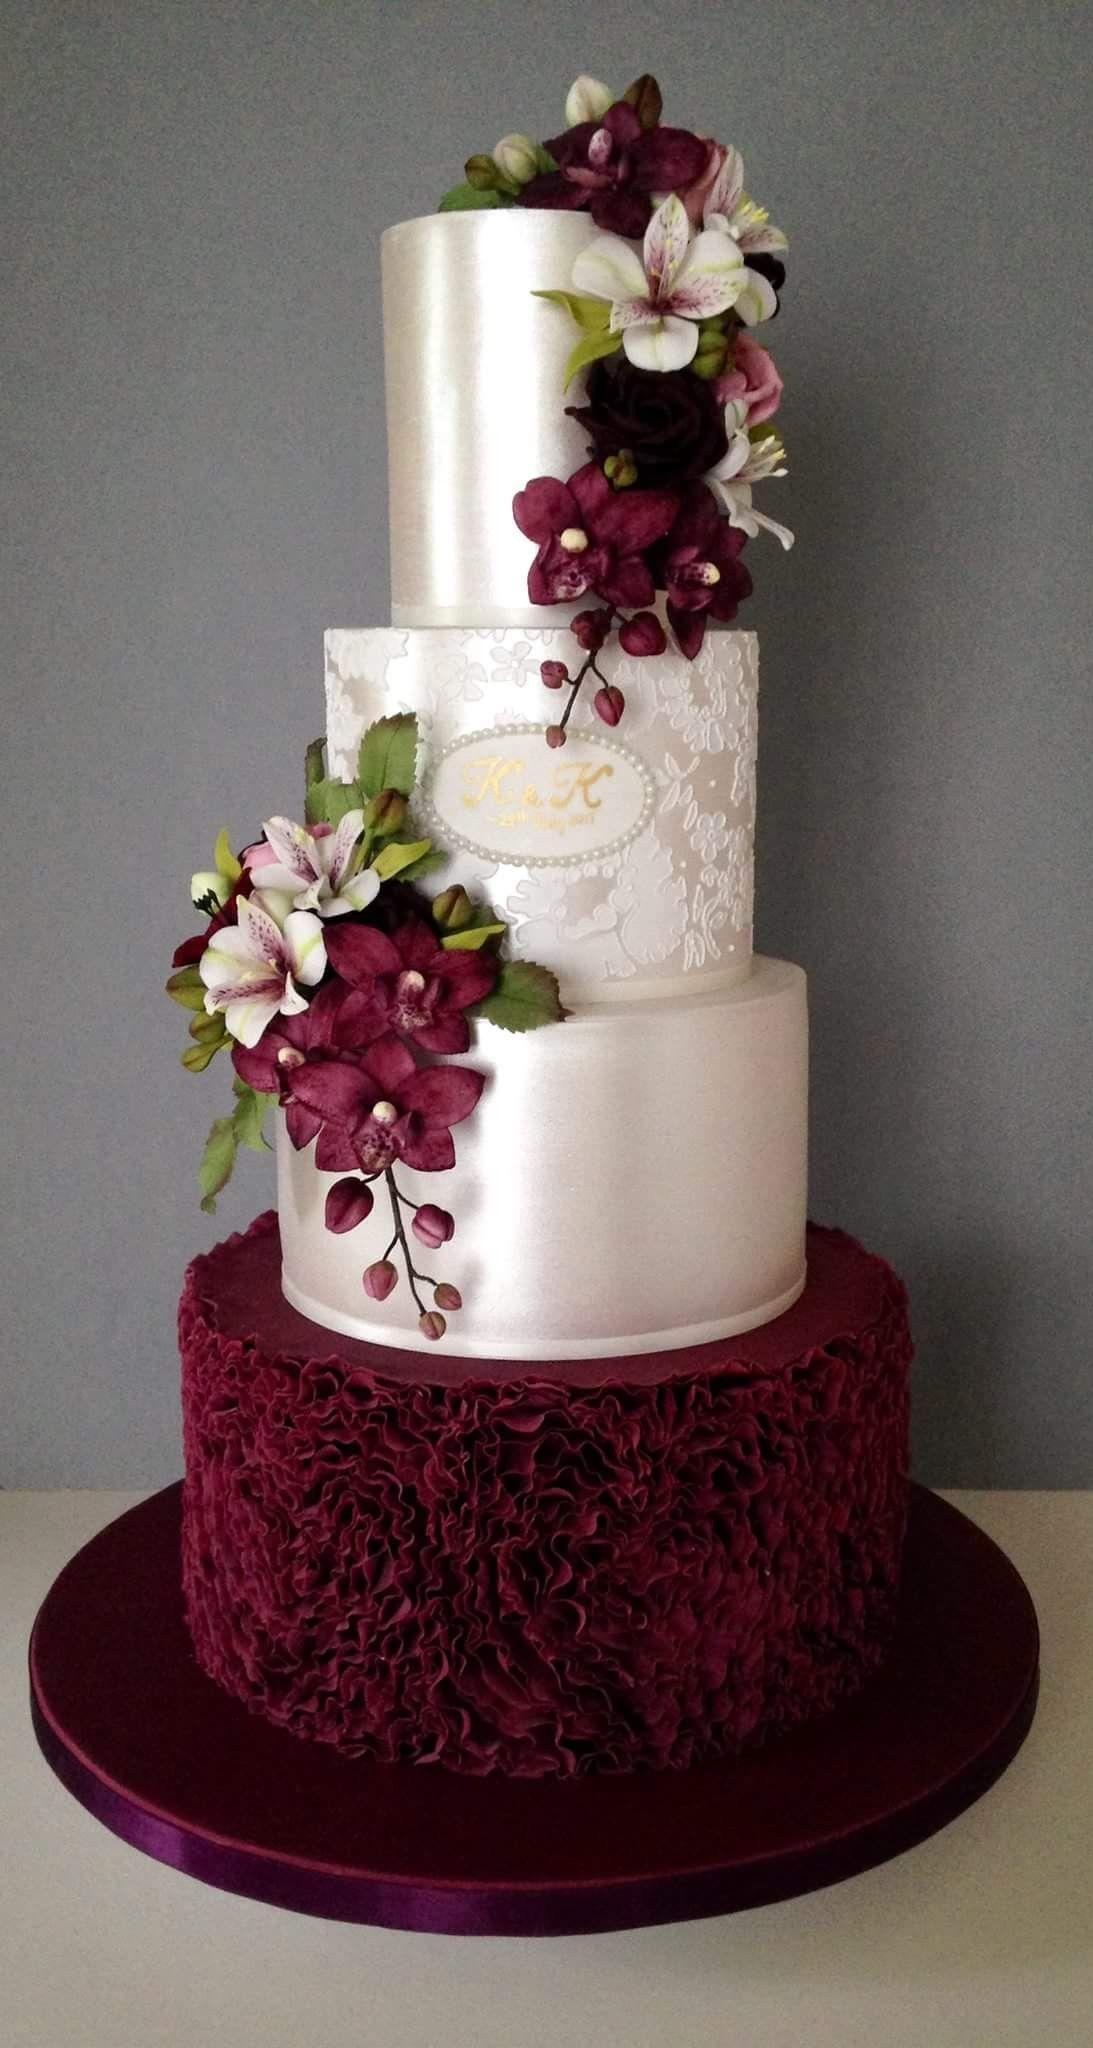 Maroon and white wedding decor  Pin by Candi Perez on tartas y postres  Pinterest  Cake Wedding